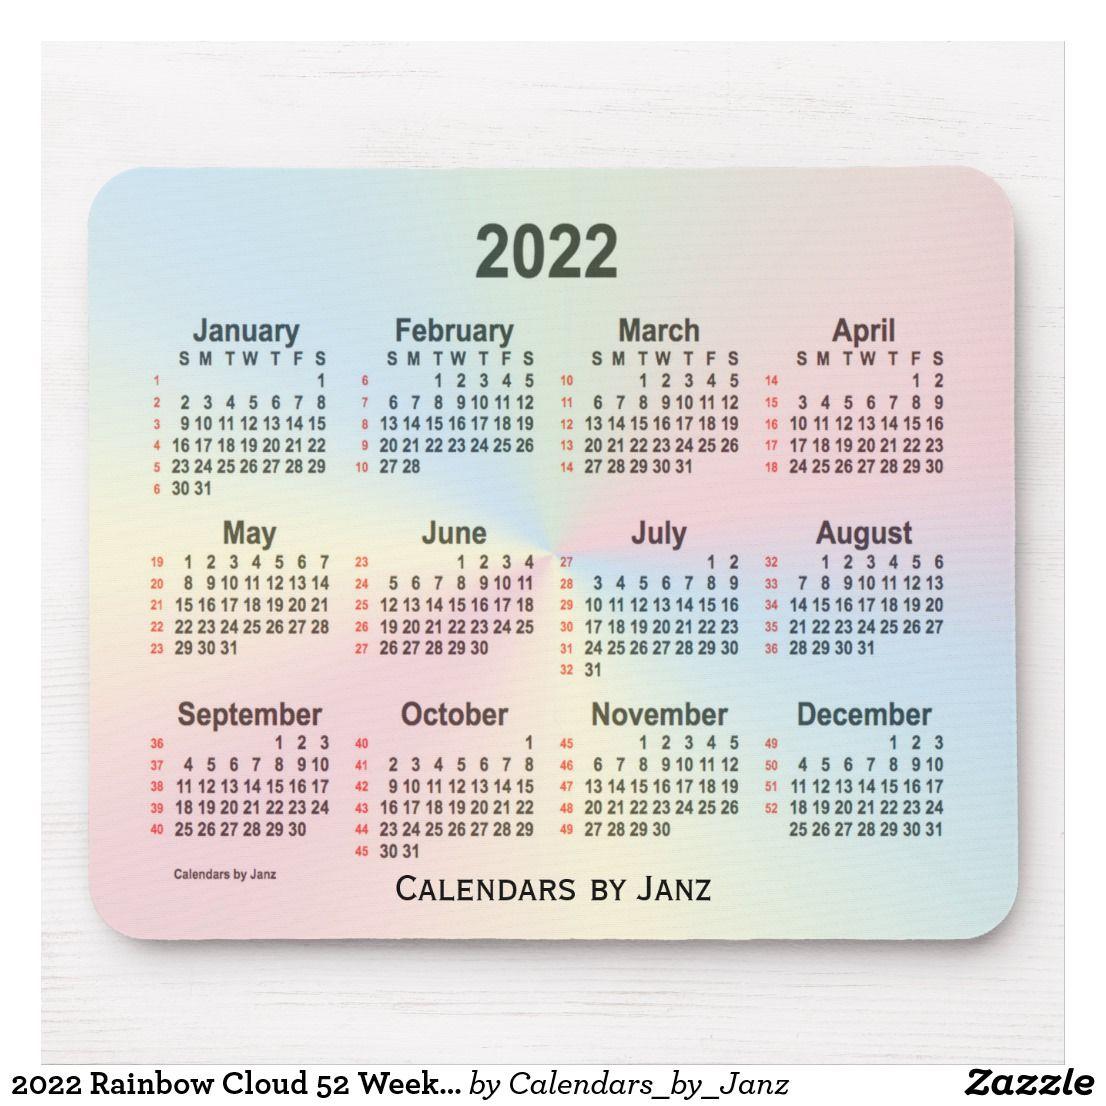 2022 Rainbow Cloud 52 Weeks Calendarjanz Mouse Pad regarding Weekly Planner For 2021- 52 Weeks